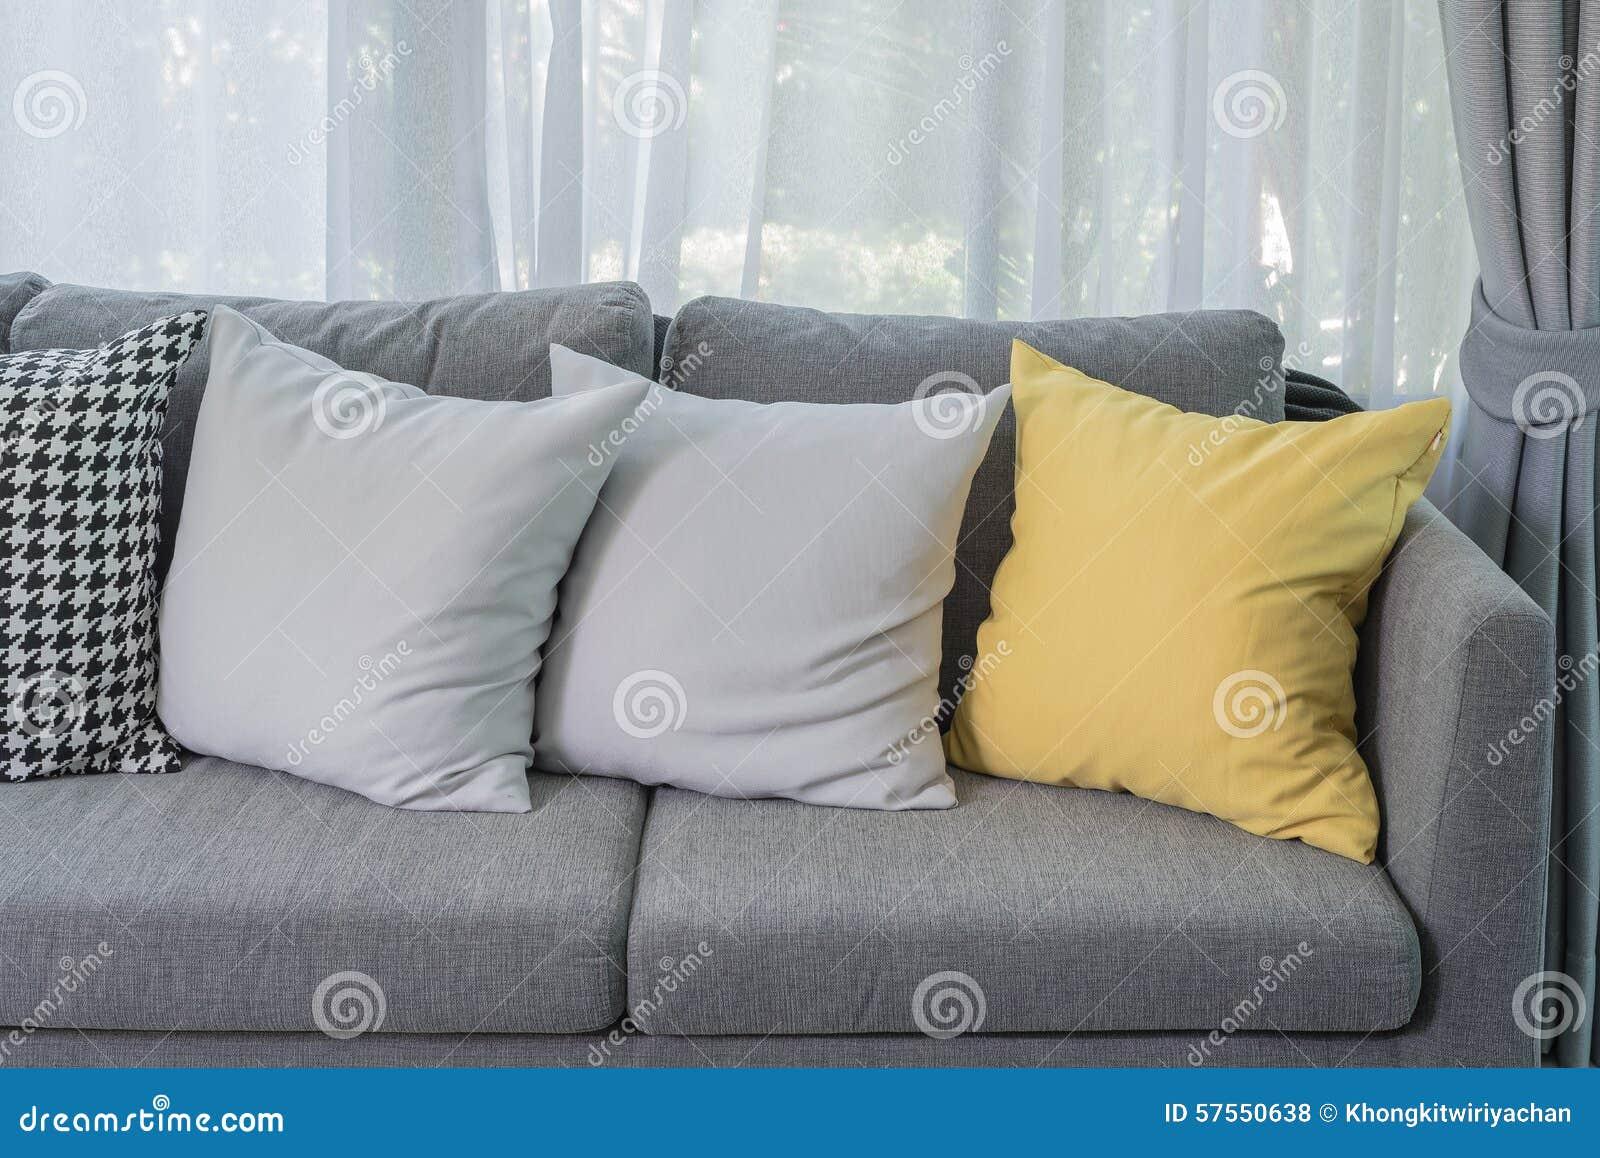 Gul kudde på den gråa soffan i modern vardagsrum arkivfoto   bild ...